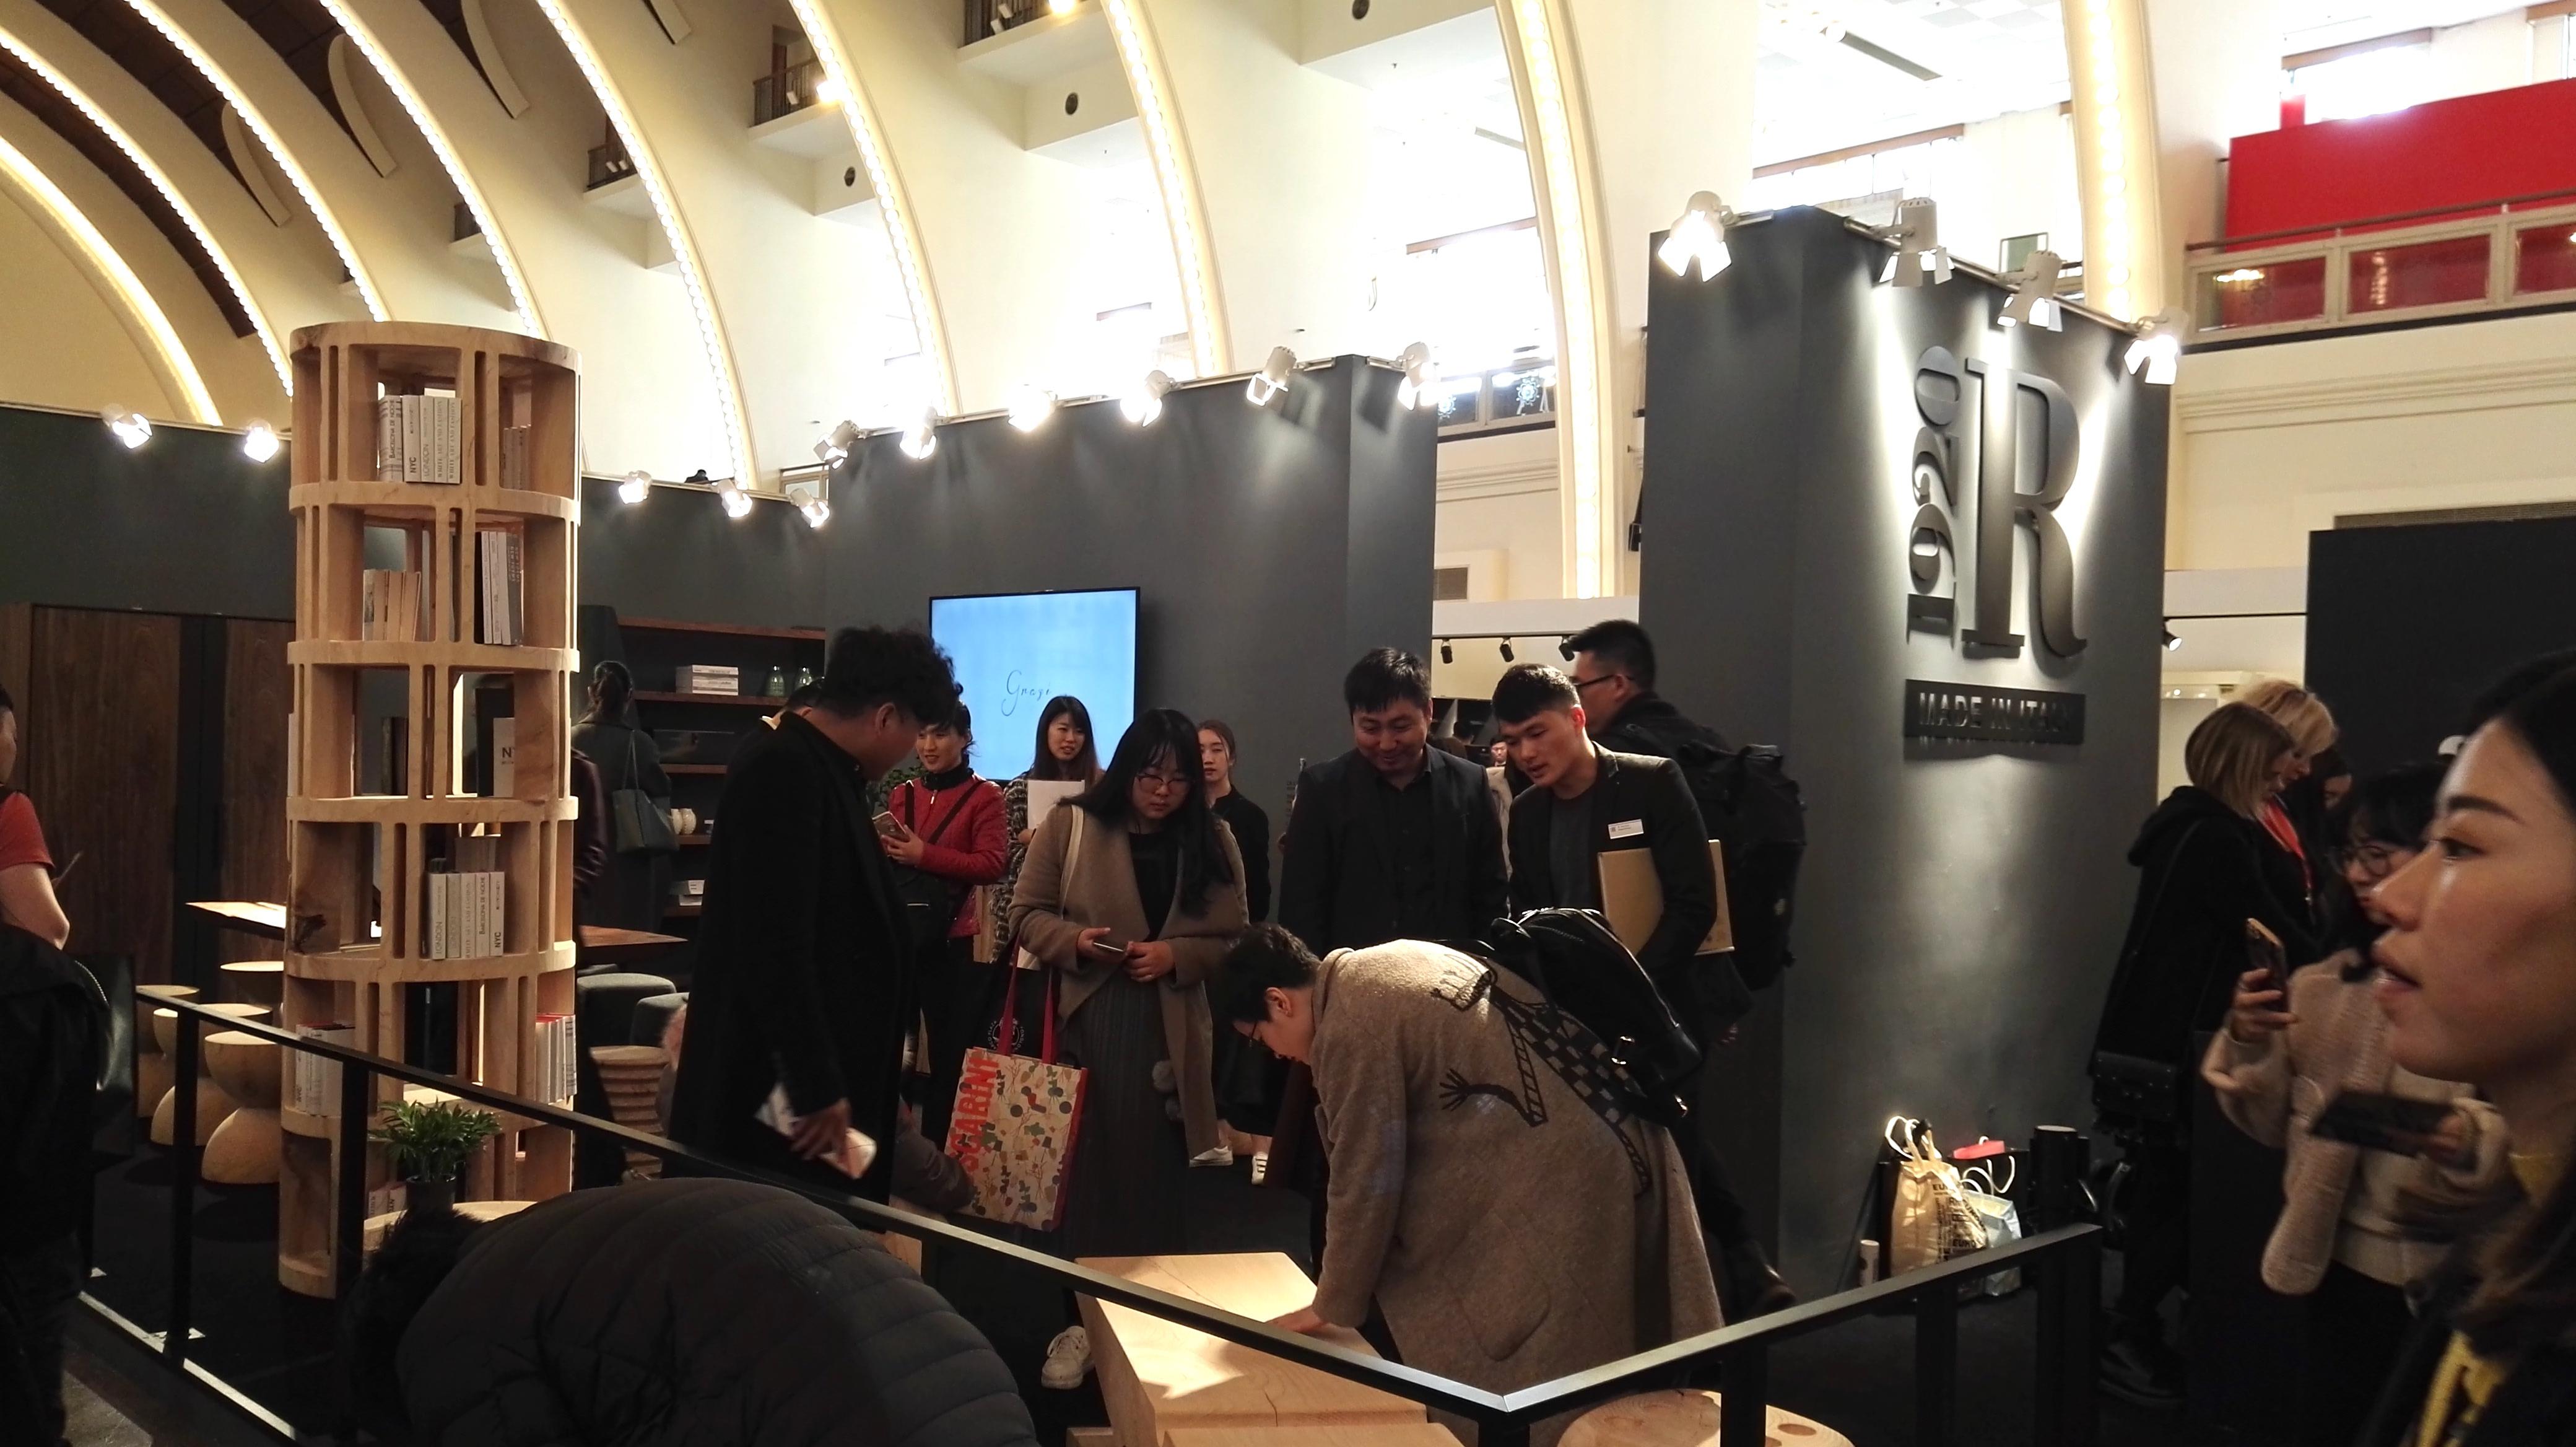 Salone del mobile design e arredo con 119 brand da milano for Salone mobile shanghai